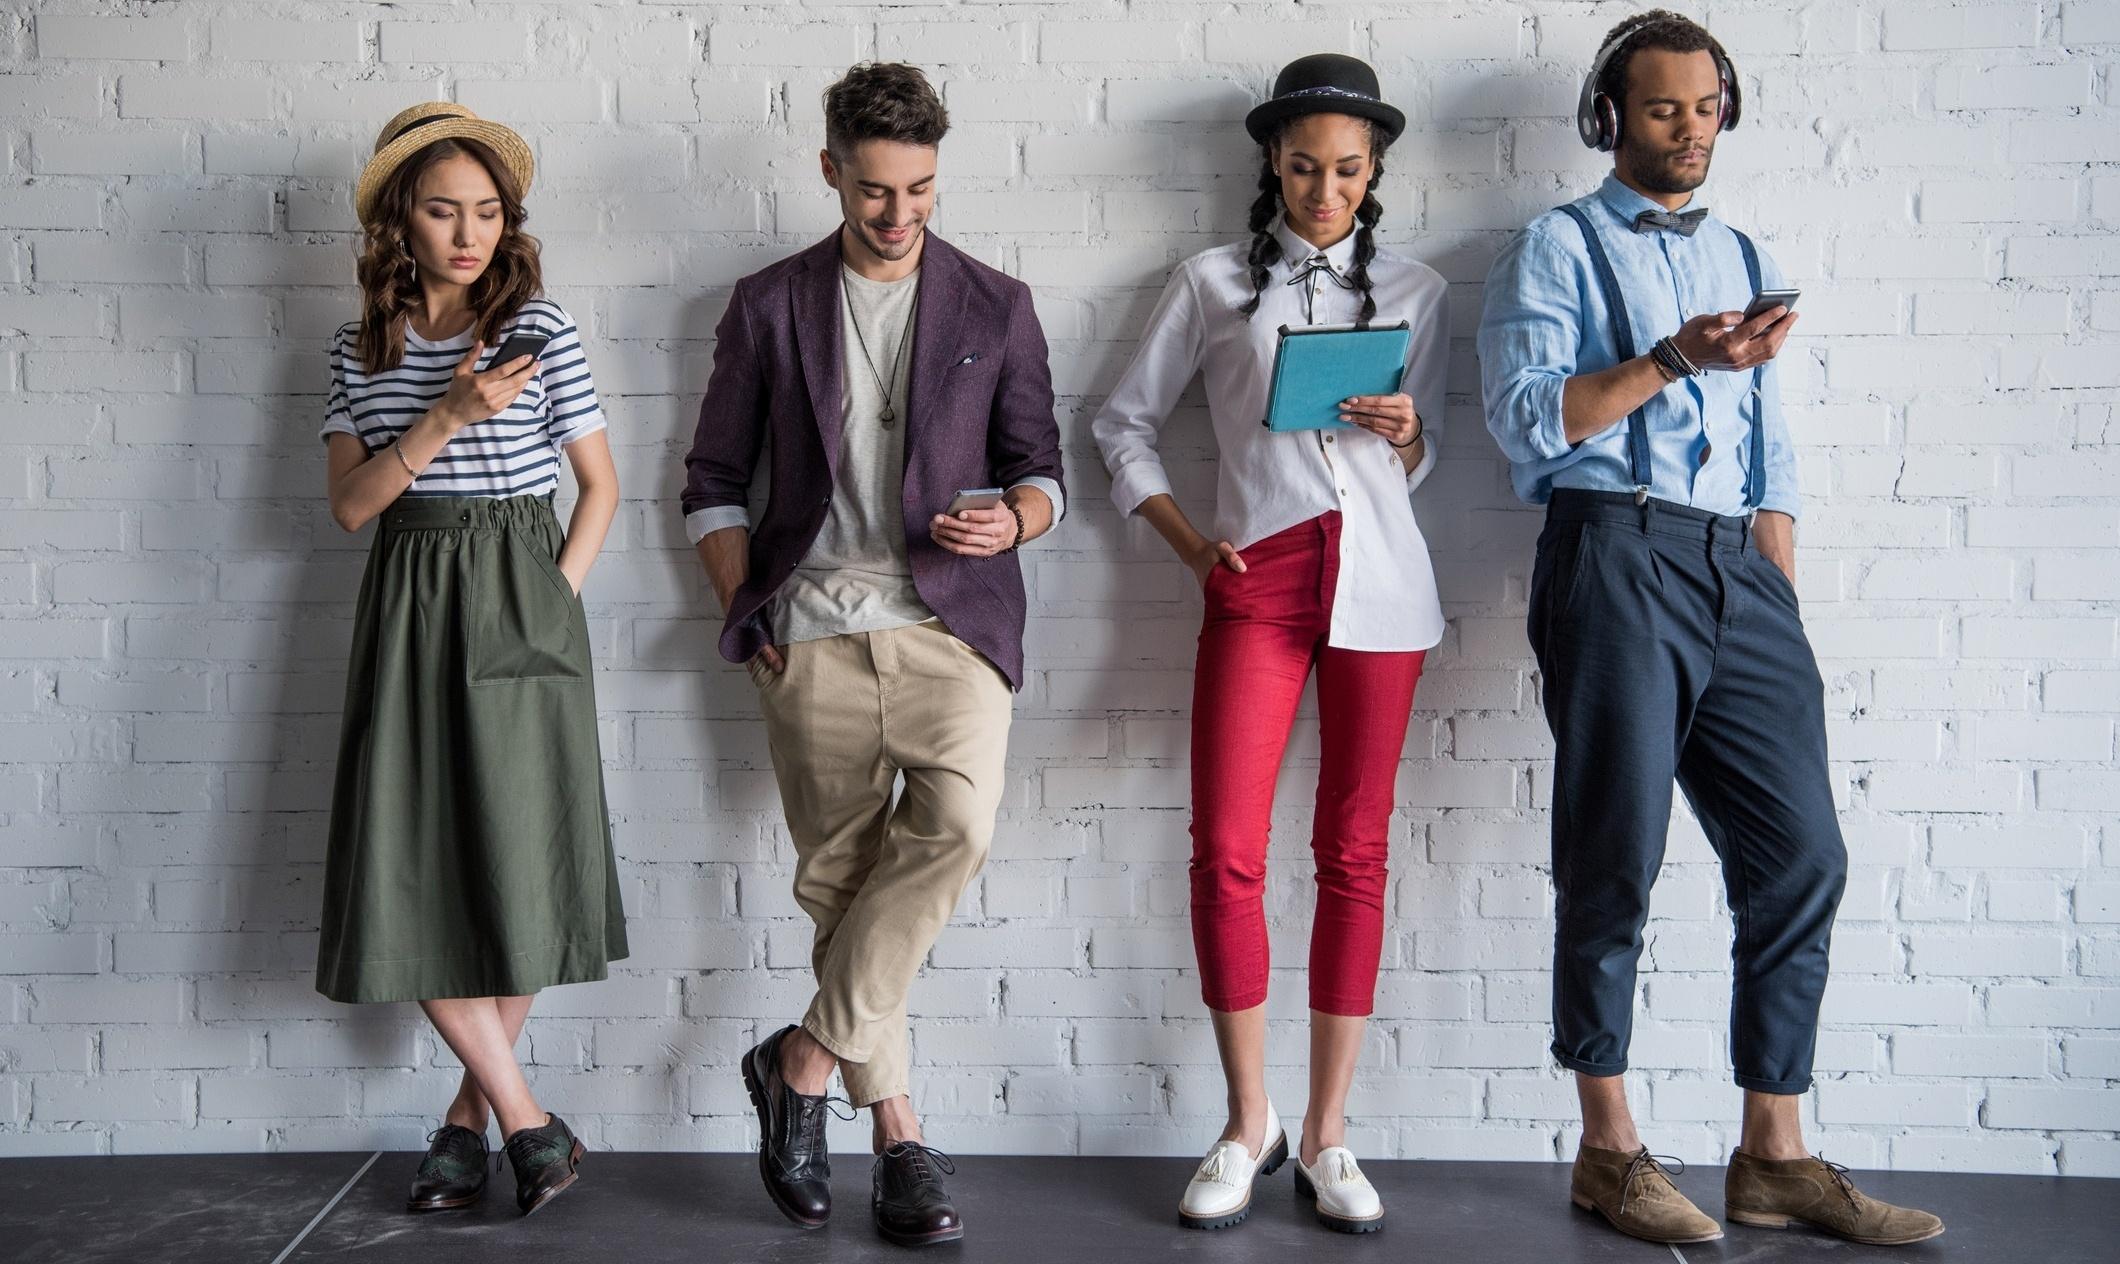 La Generación Z: ¿por qué deberías incluirla en tu estrategia de contenido? [Infografía]